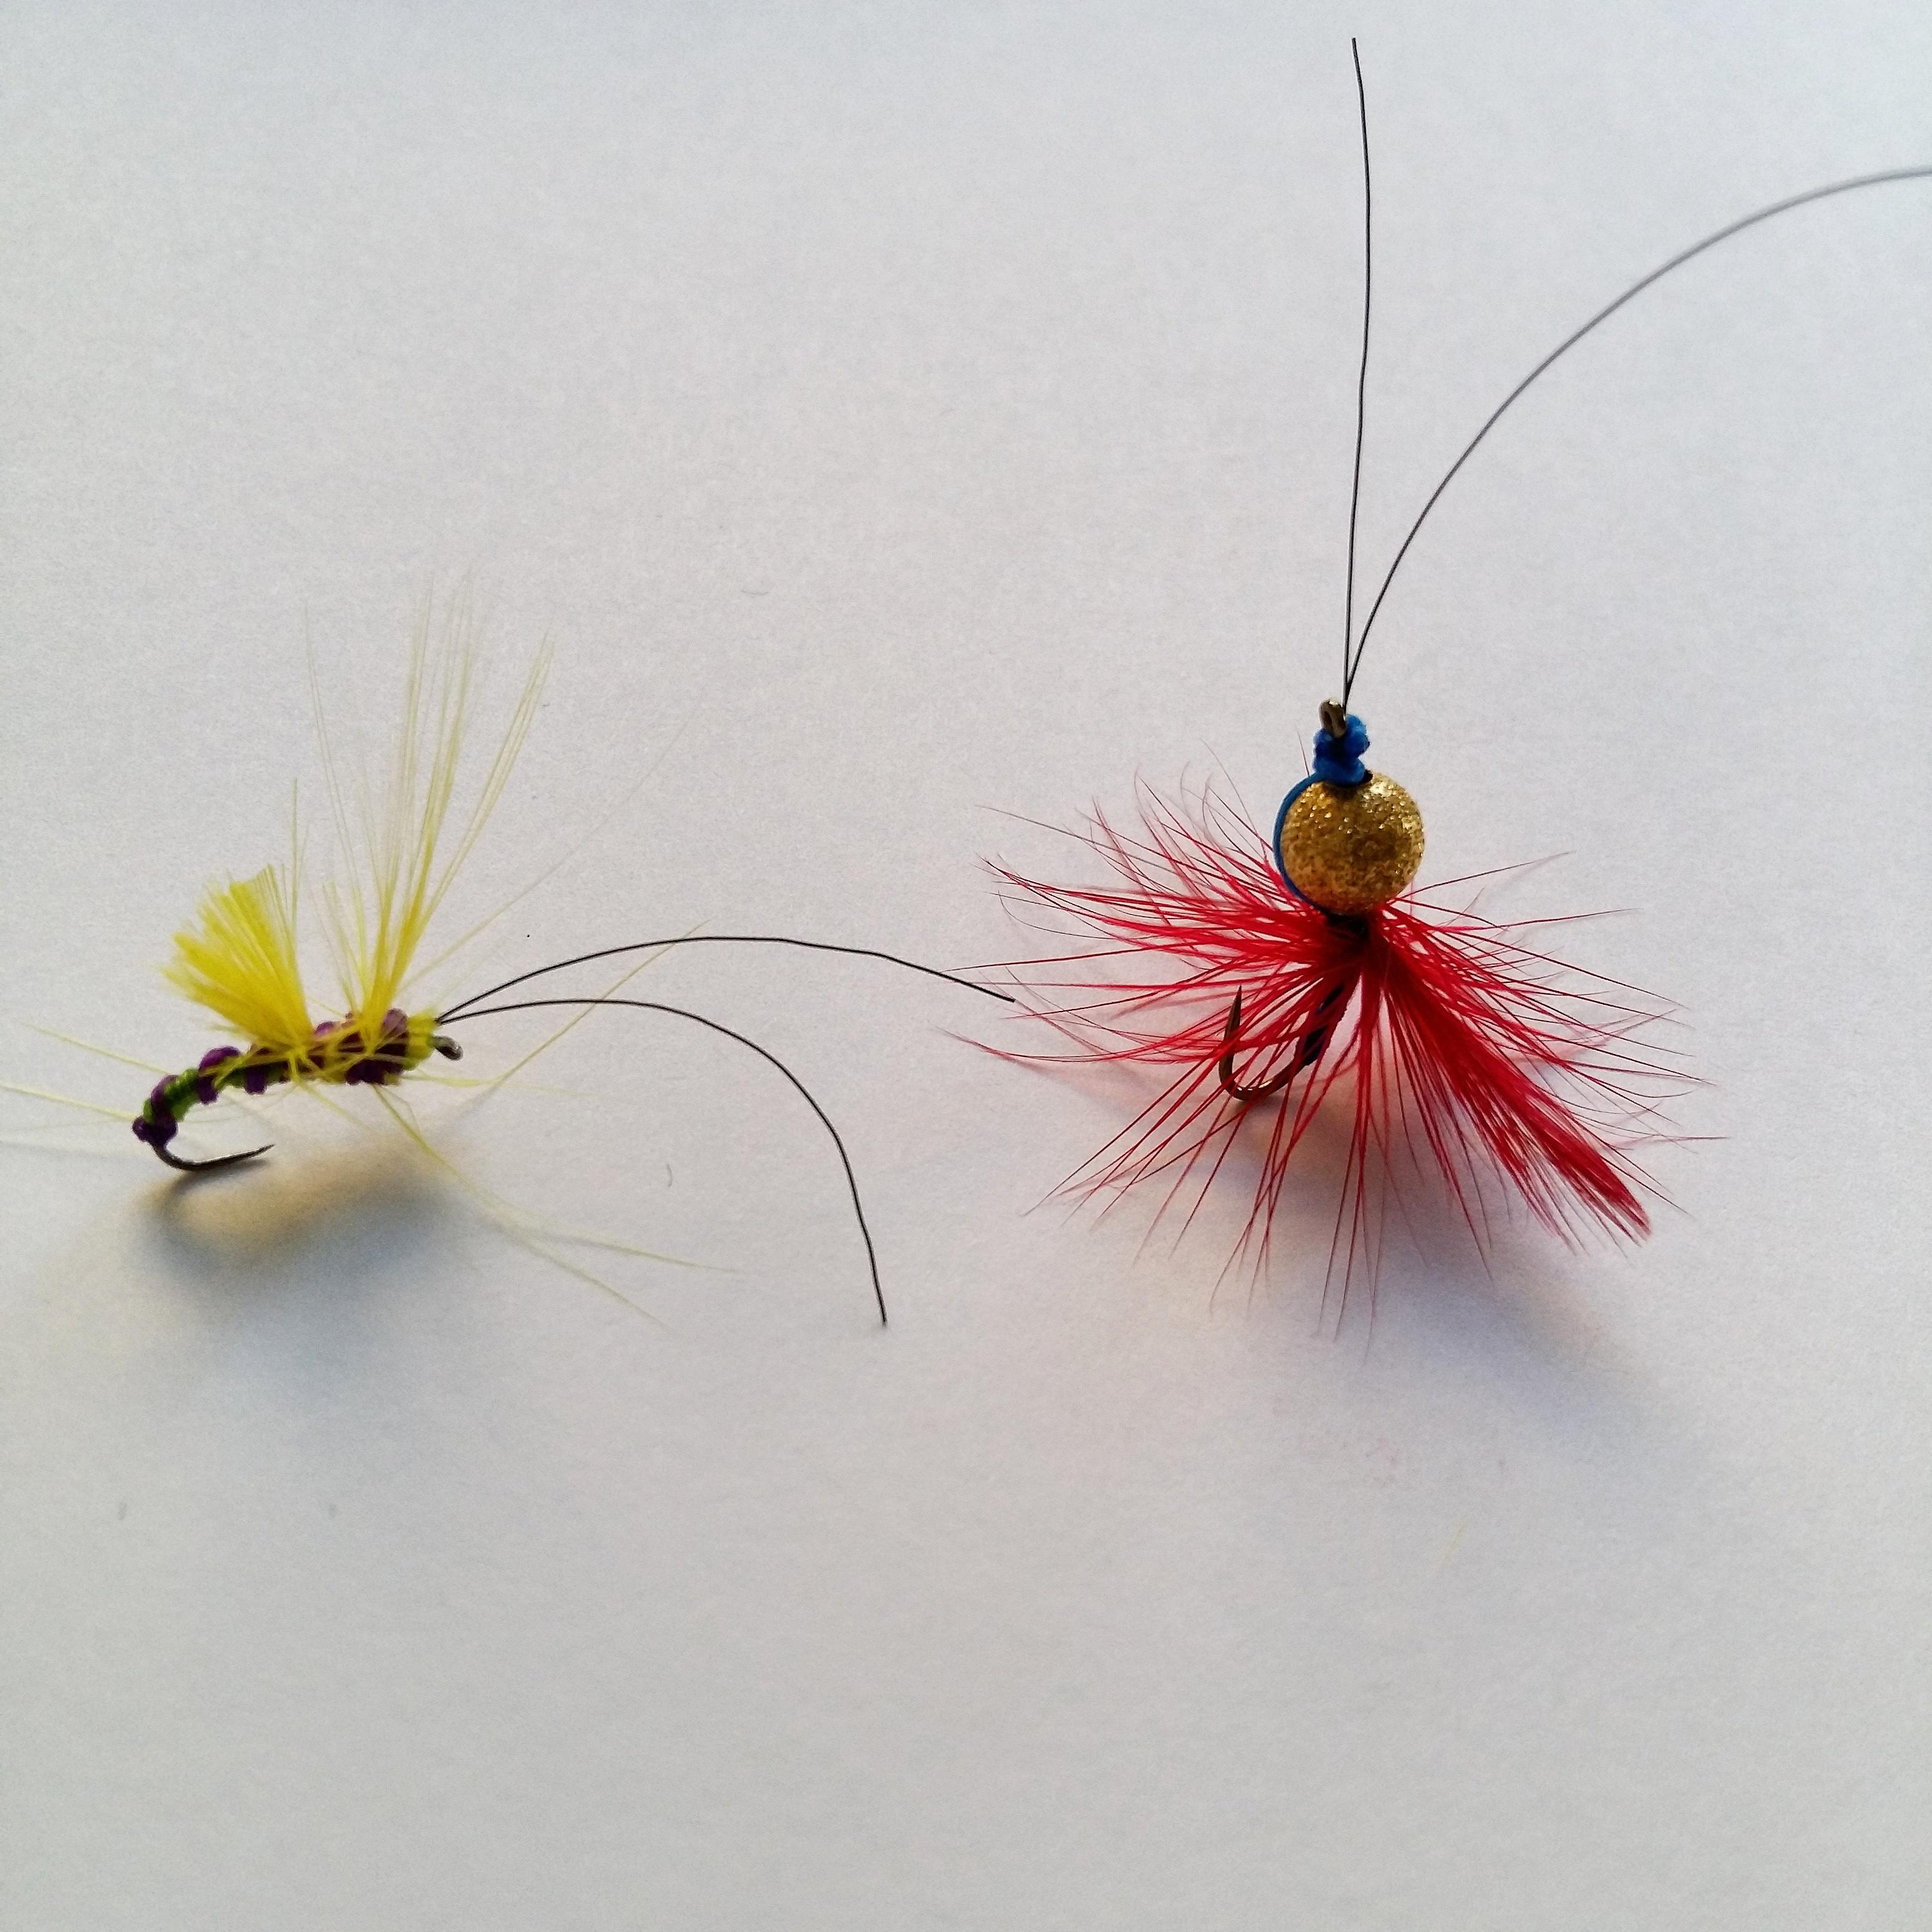 flyfishing LM 16